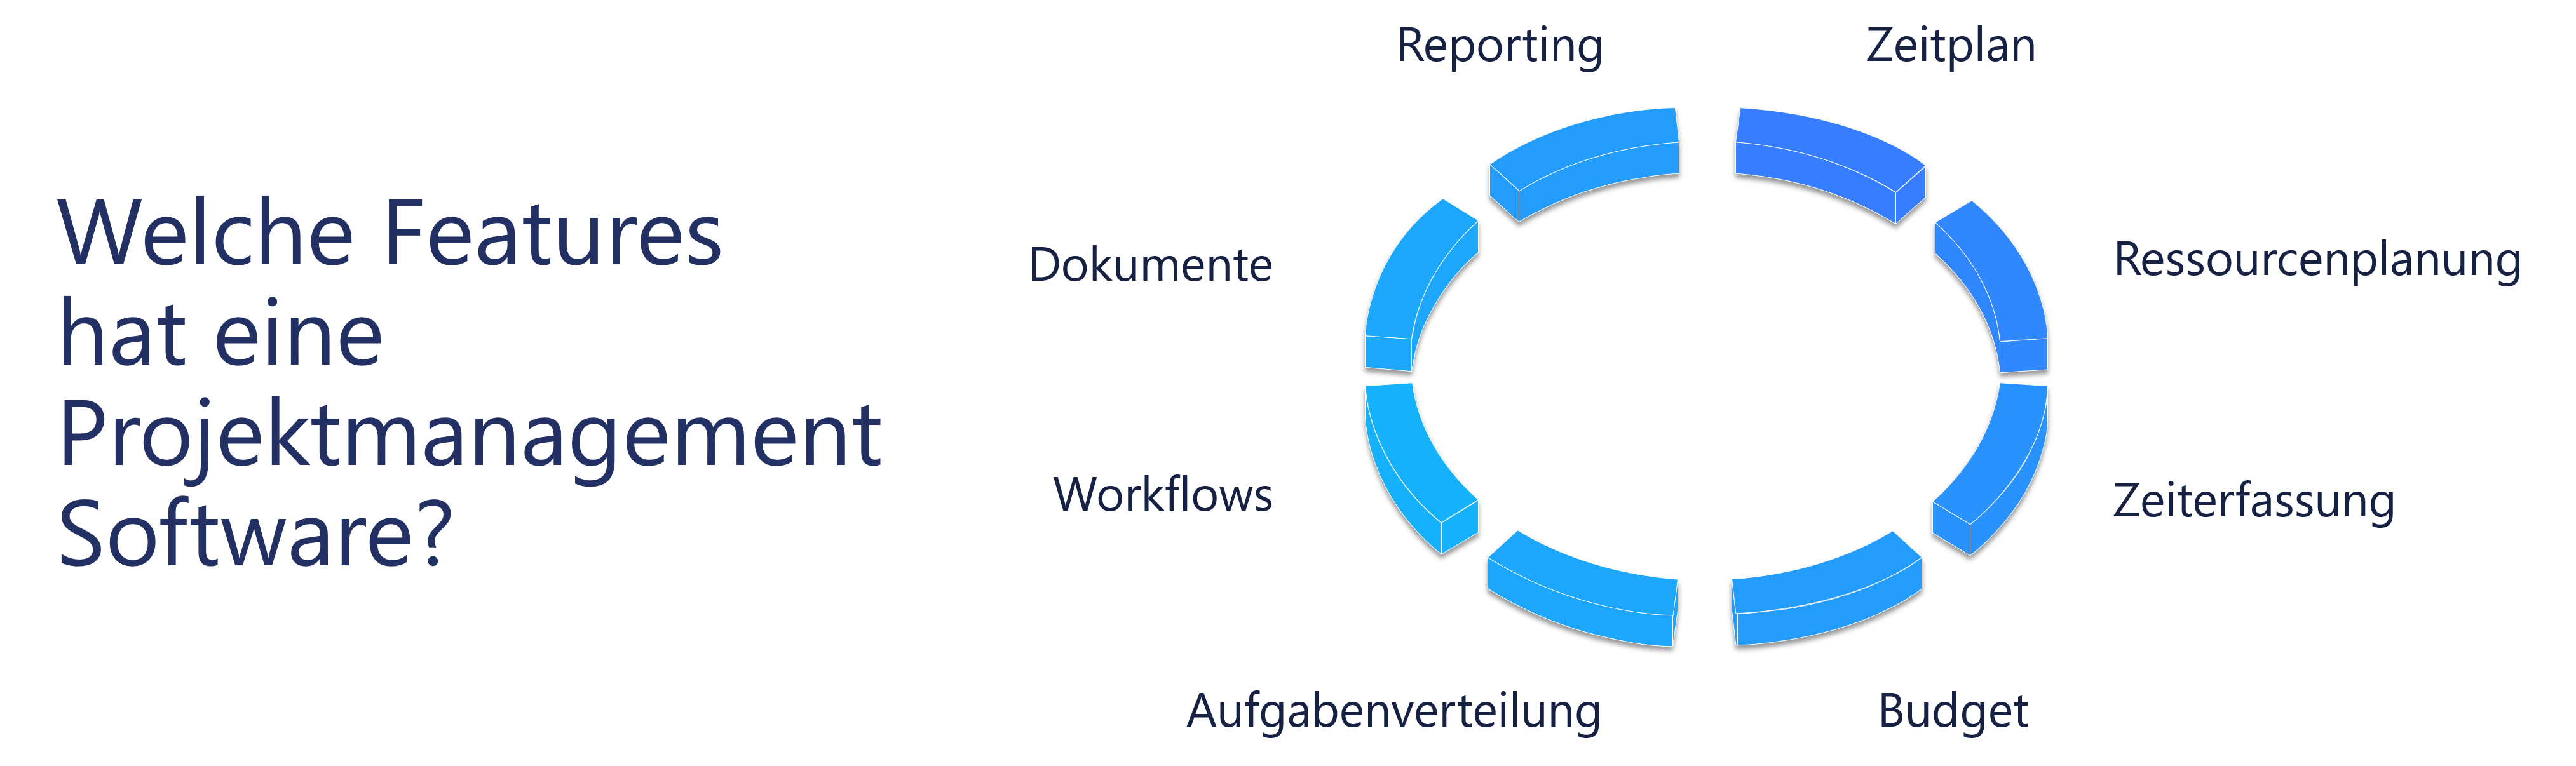 Darstellung - Welche Funktionen hat eine Projektmanagement Software